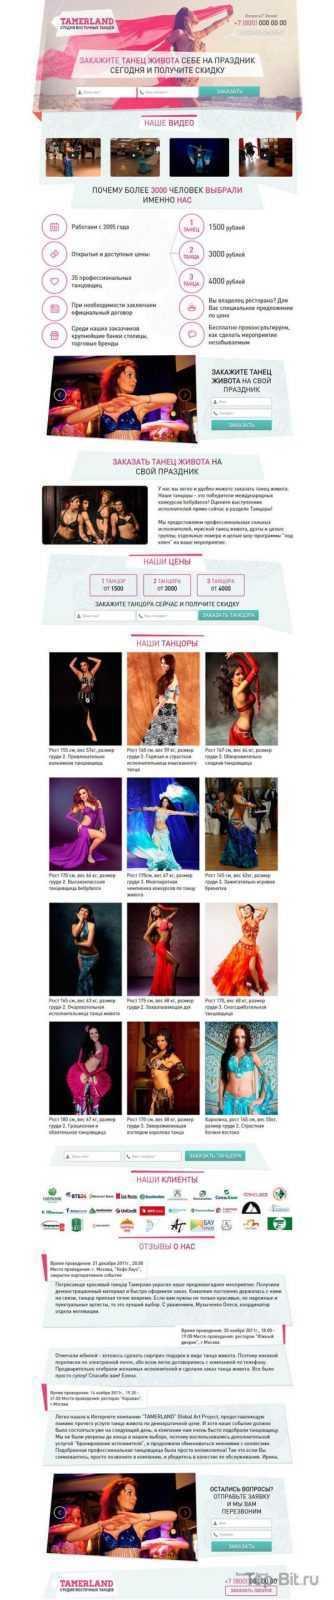 купить Landing Page заказа услуги танец живота на праздник